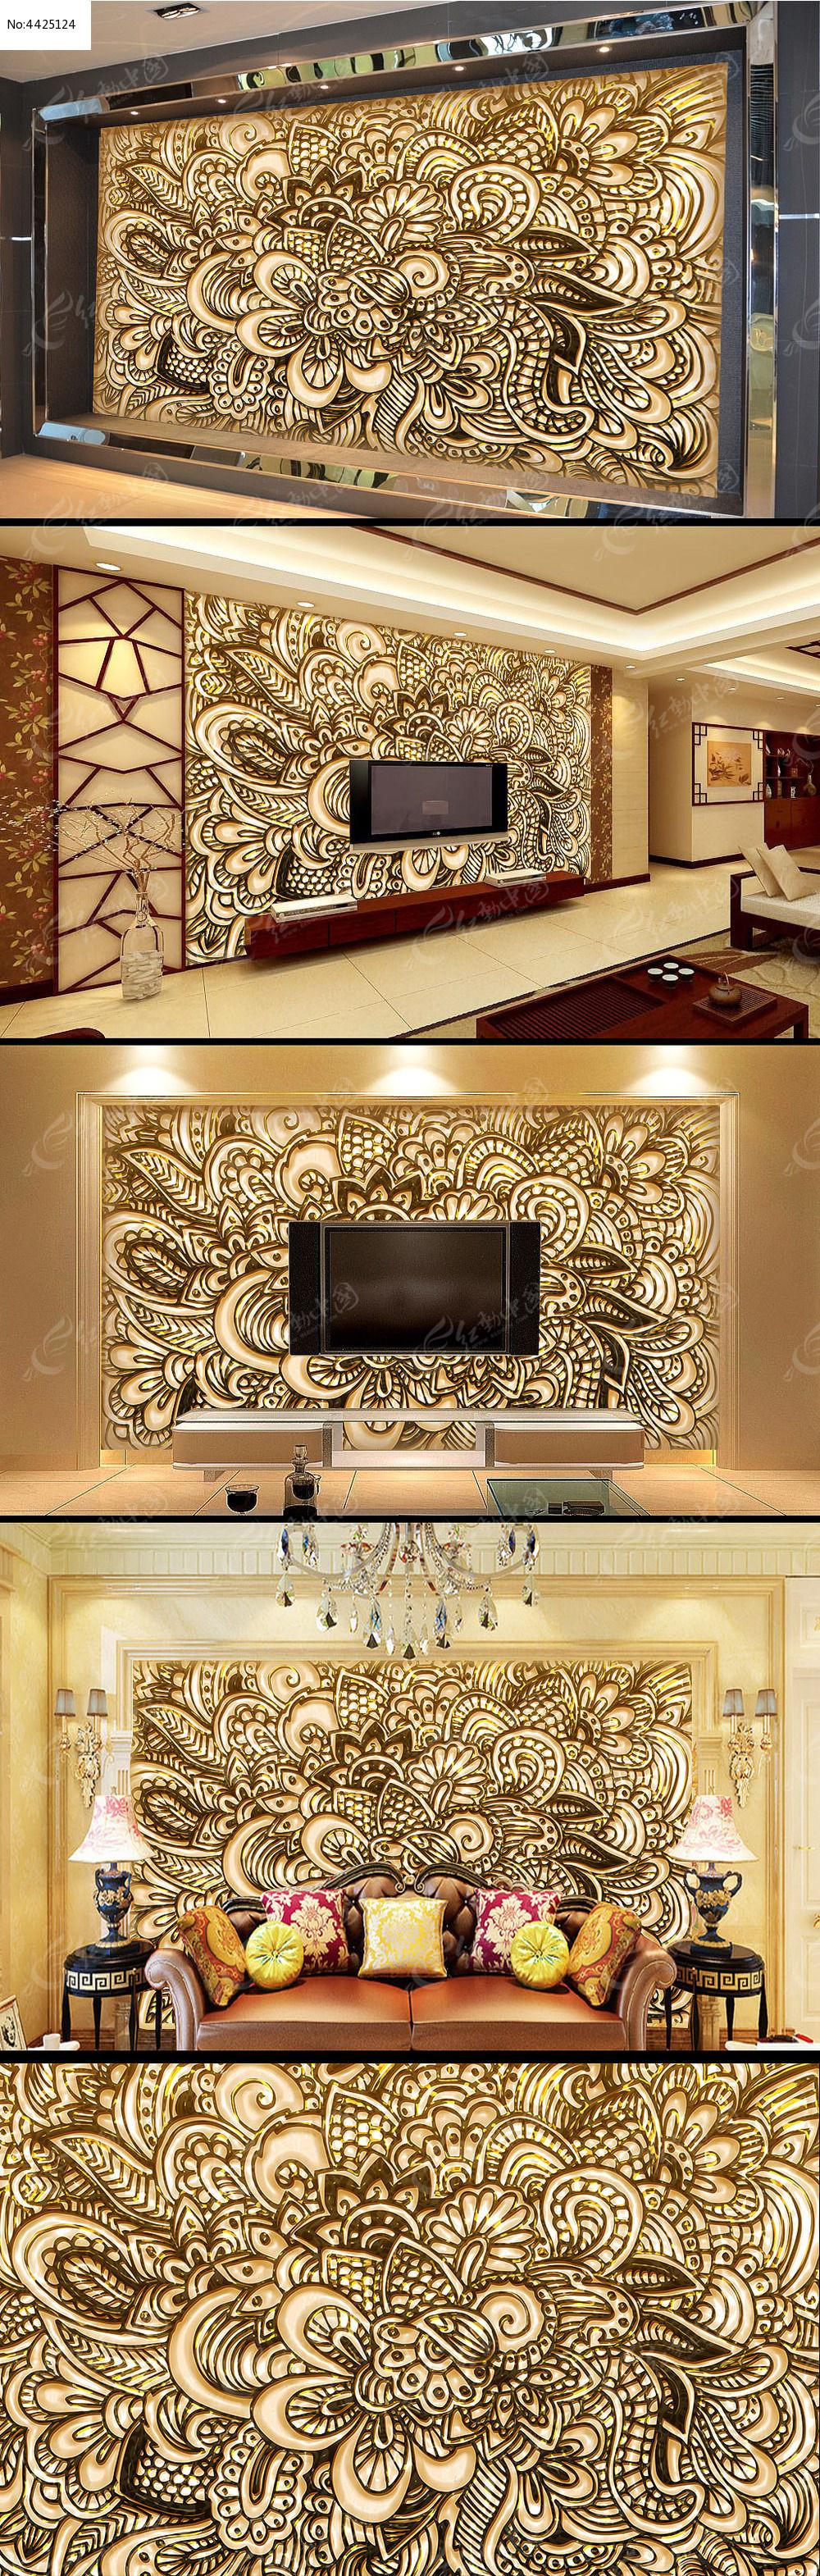 欧式风格浮雕雕花电视背景墙图片